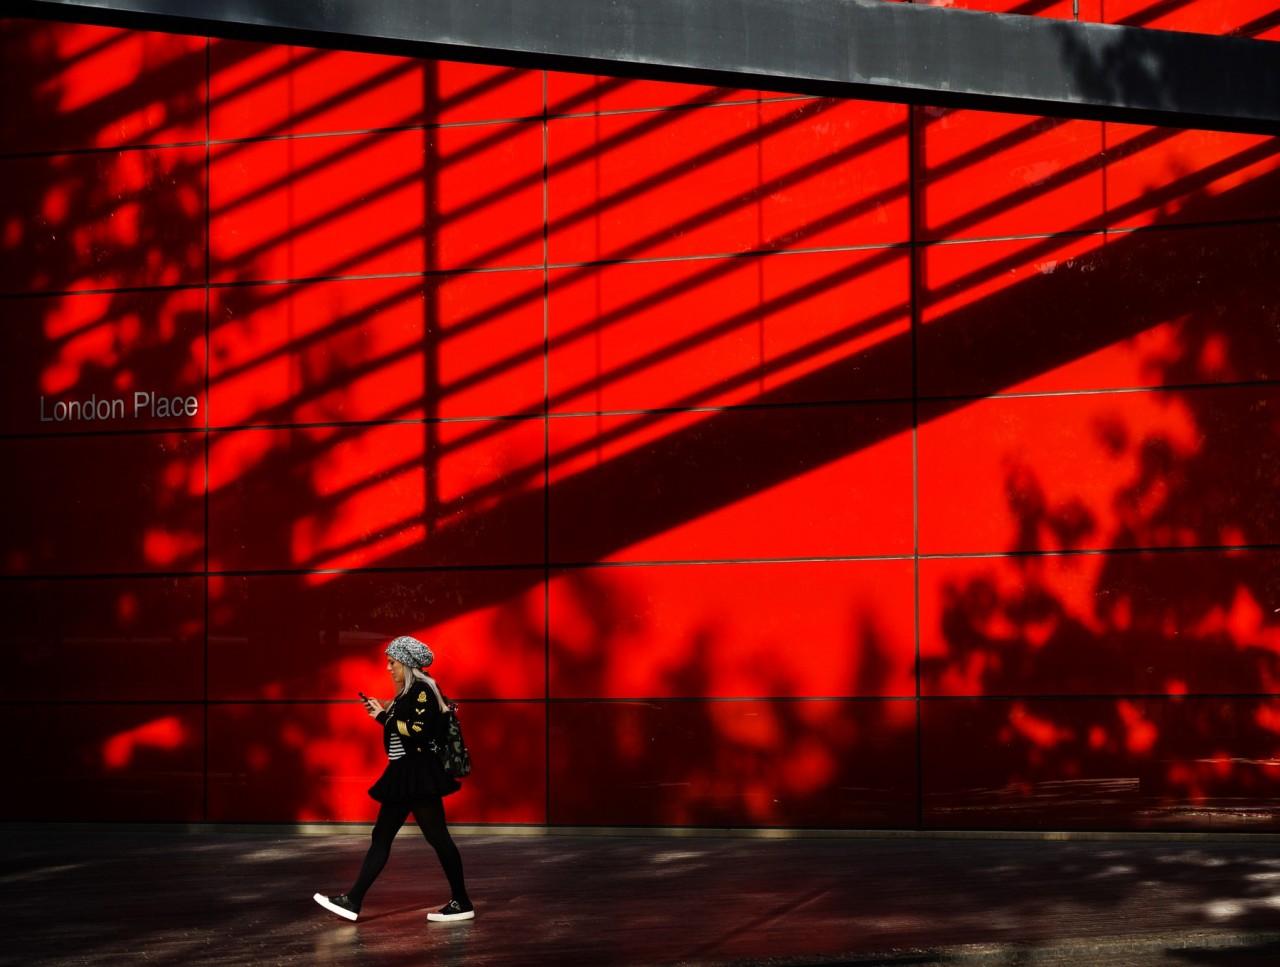 Красный город, Лондон. Фотограф Сергей Коляскин